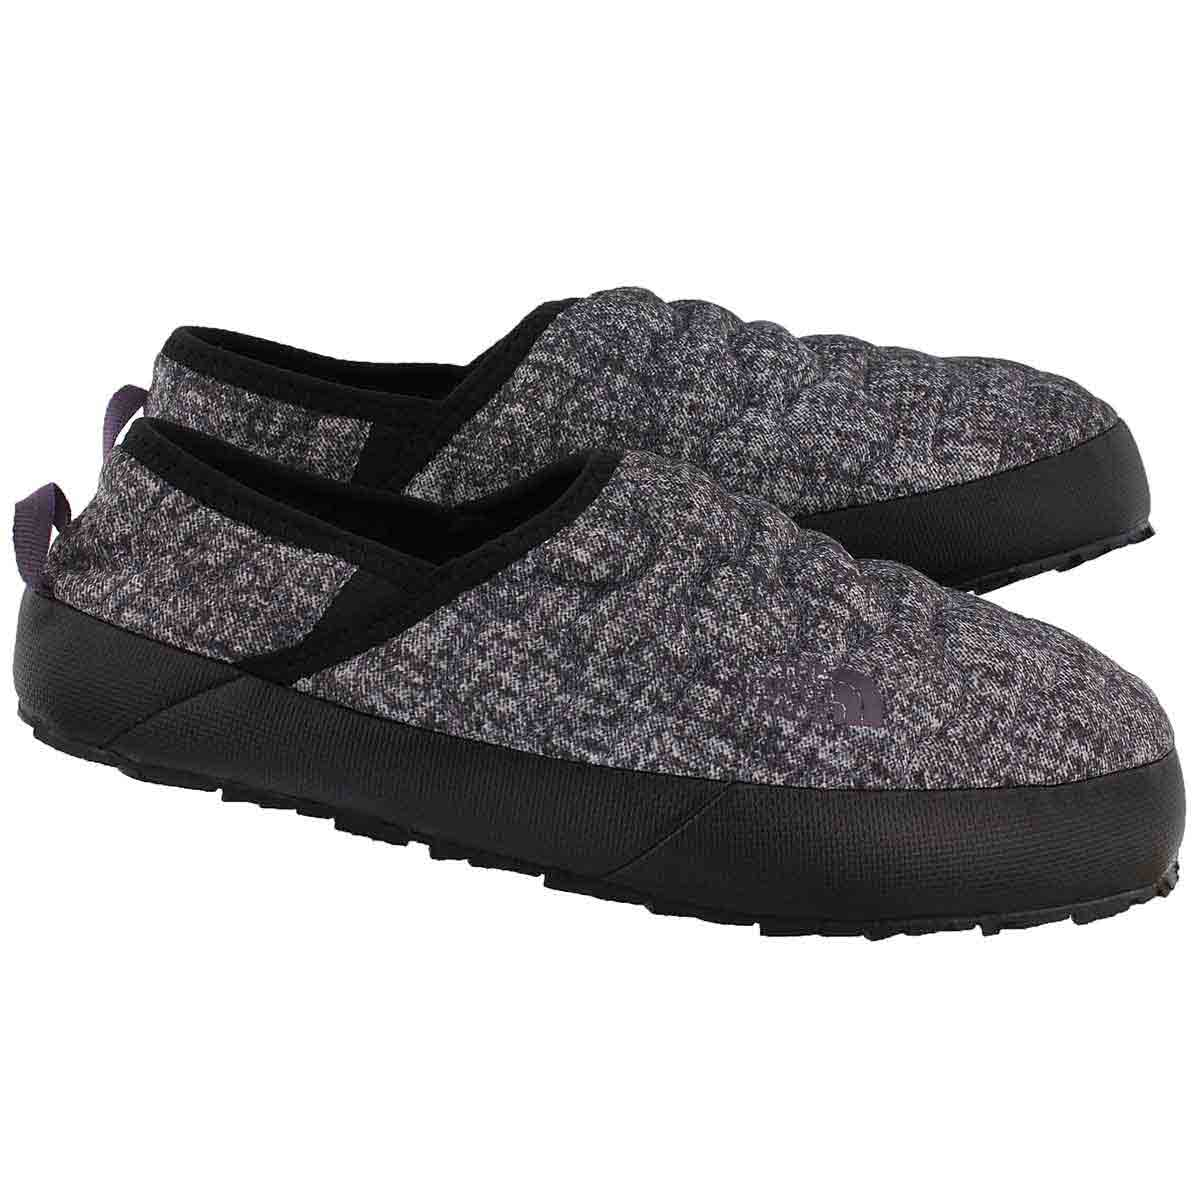 Lds ThermoBallTractionMule IV bk slipper